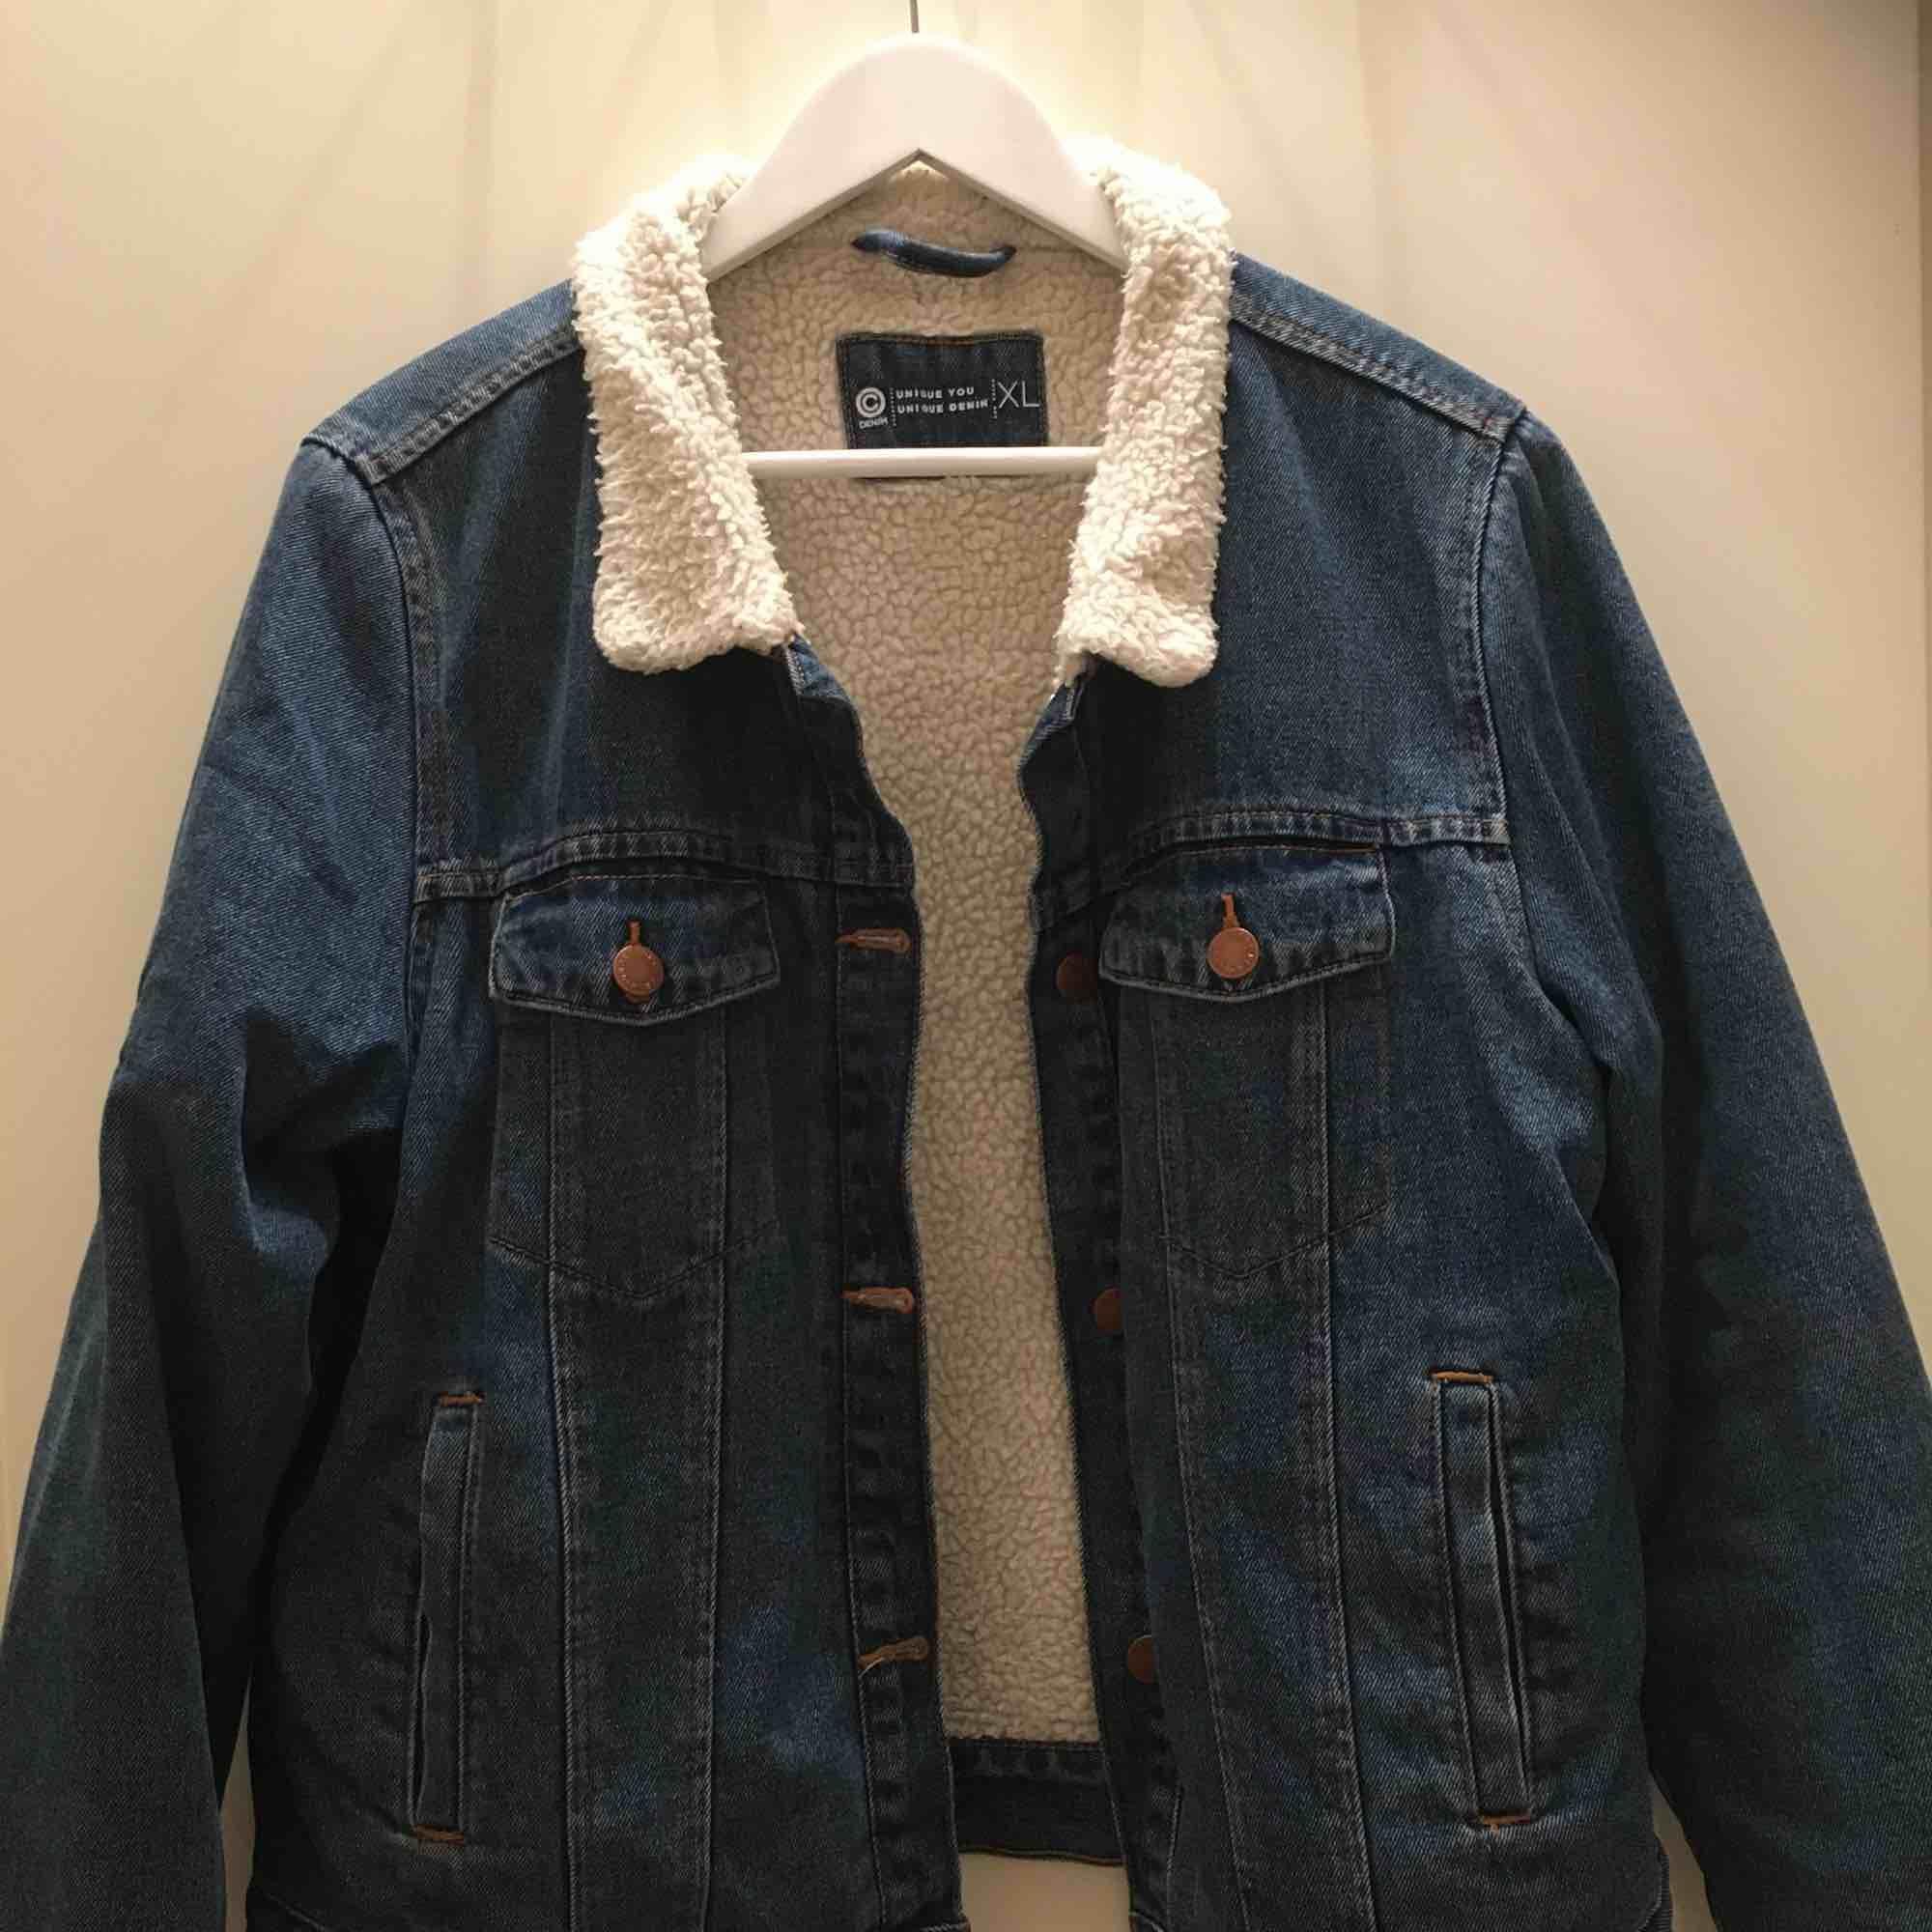 Skitsnygg jeansjacka med luddig insida🤩 har varit en favorit länge nu men det är dags att gå vidare! Är storlek XL men sitter snyggt oversized på mig som vanligtvis har S:-). Jackor.